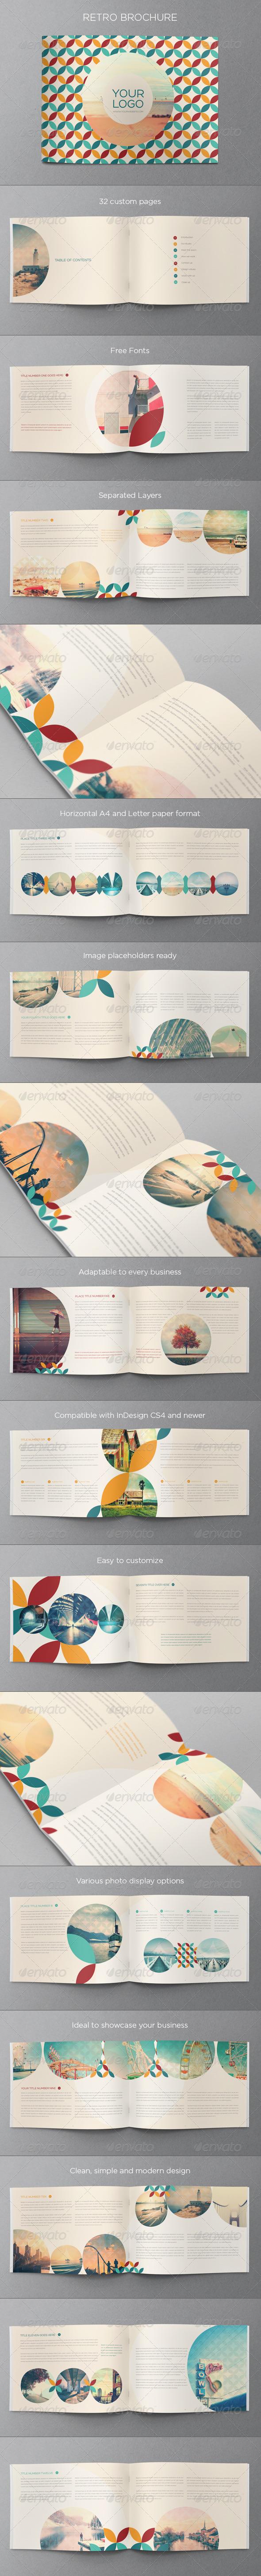 Retro Brochure - Brochures Print Templates